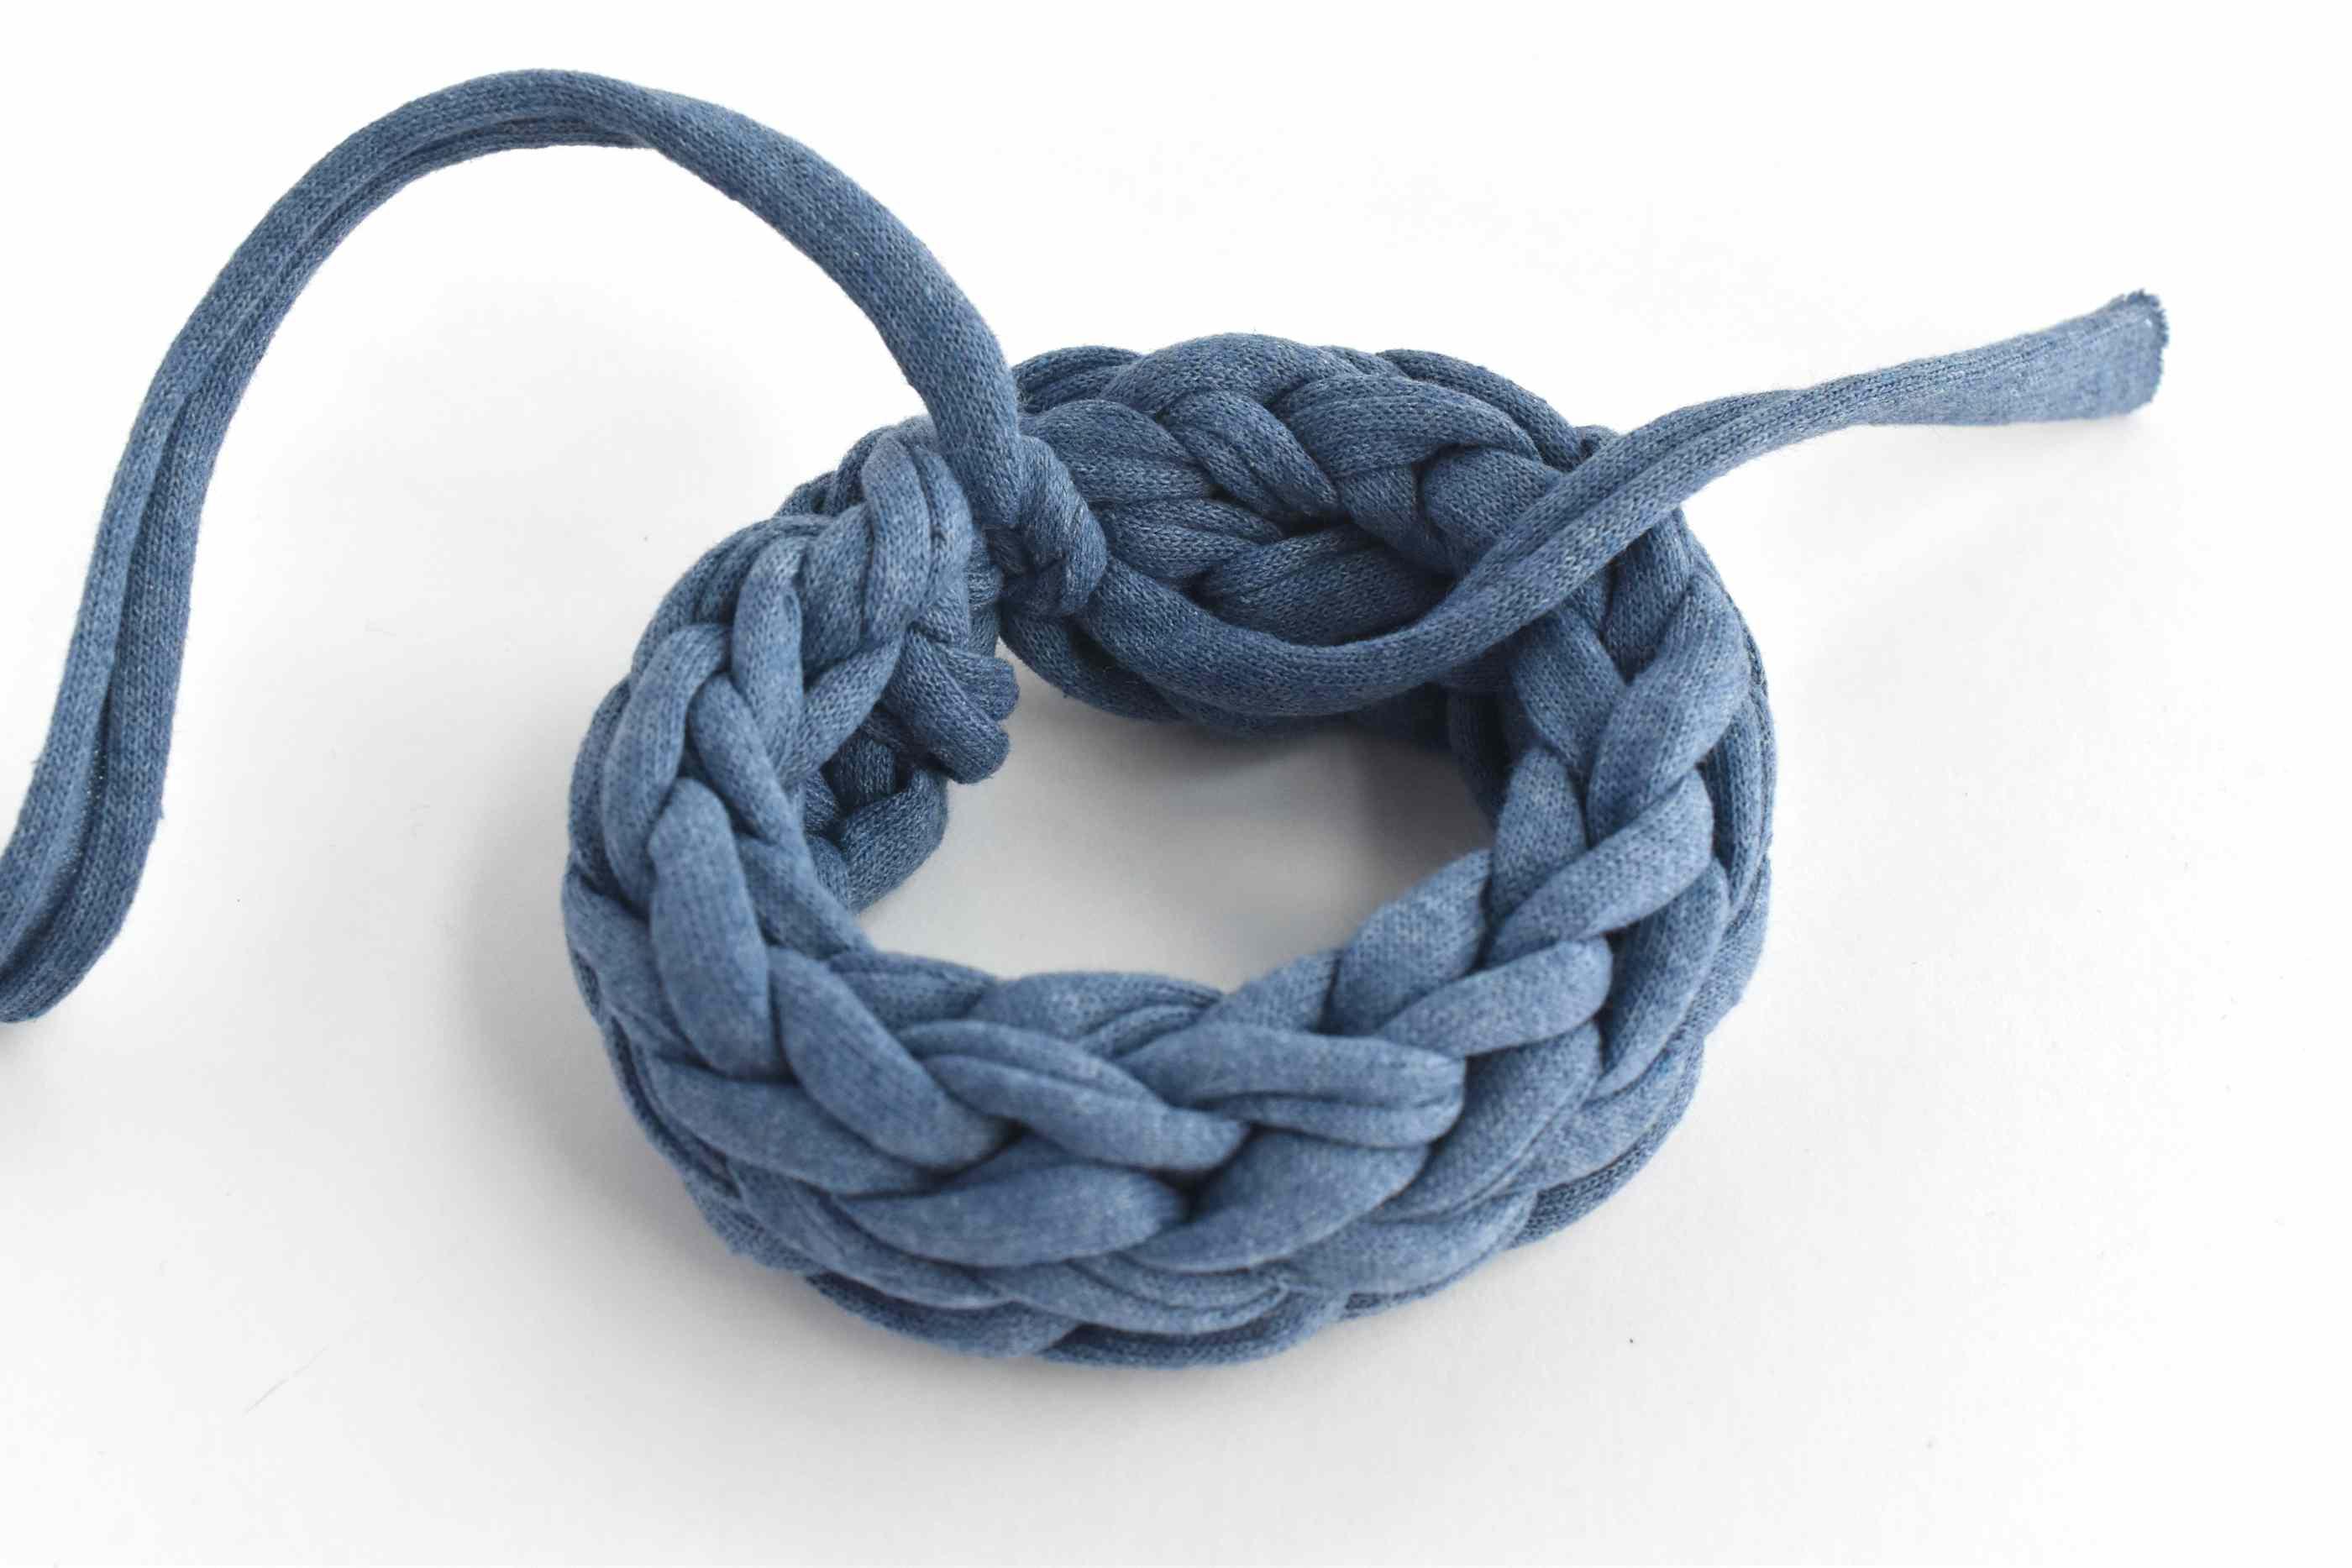 Making a Finger Knitting Bracelet